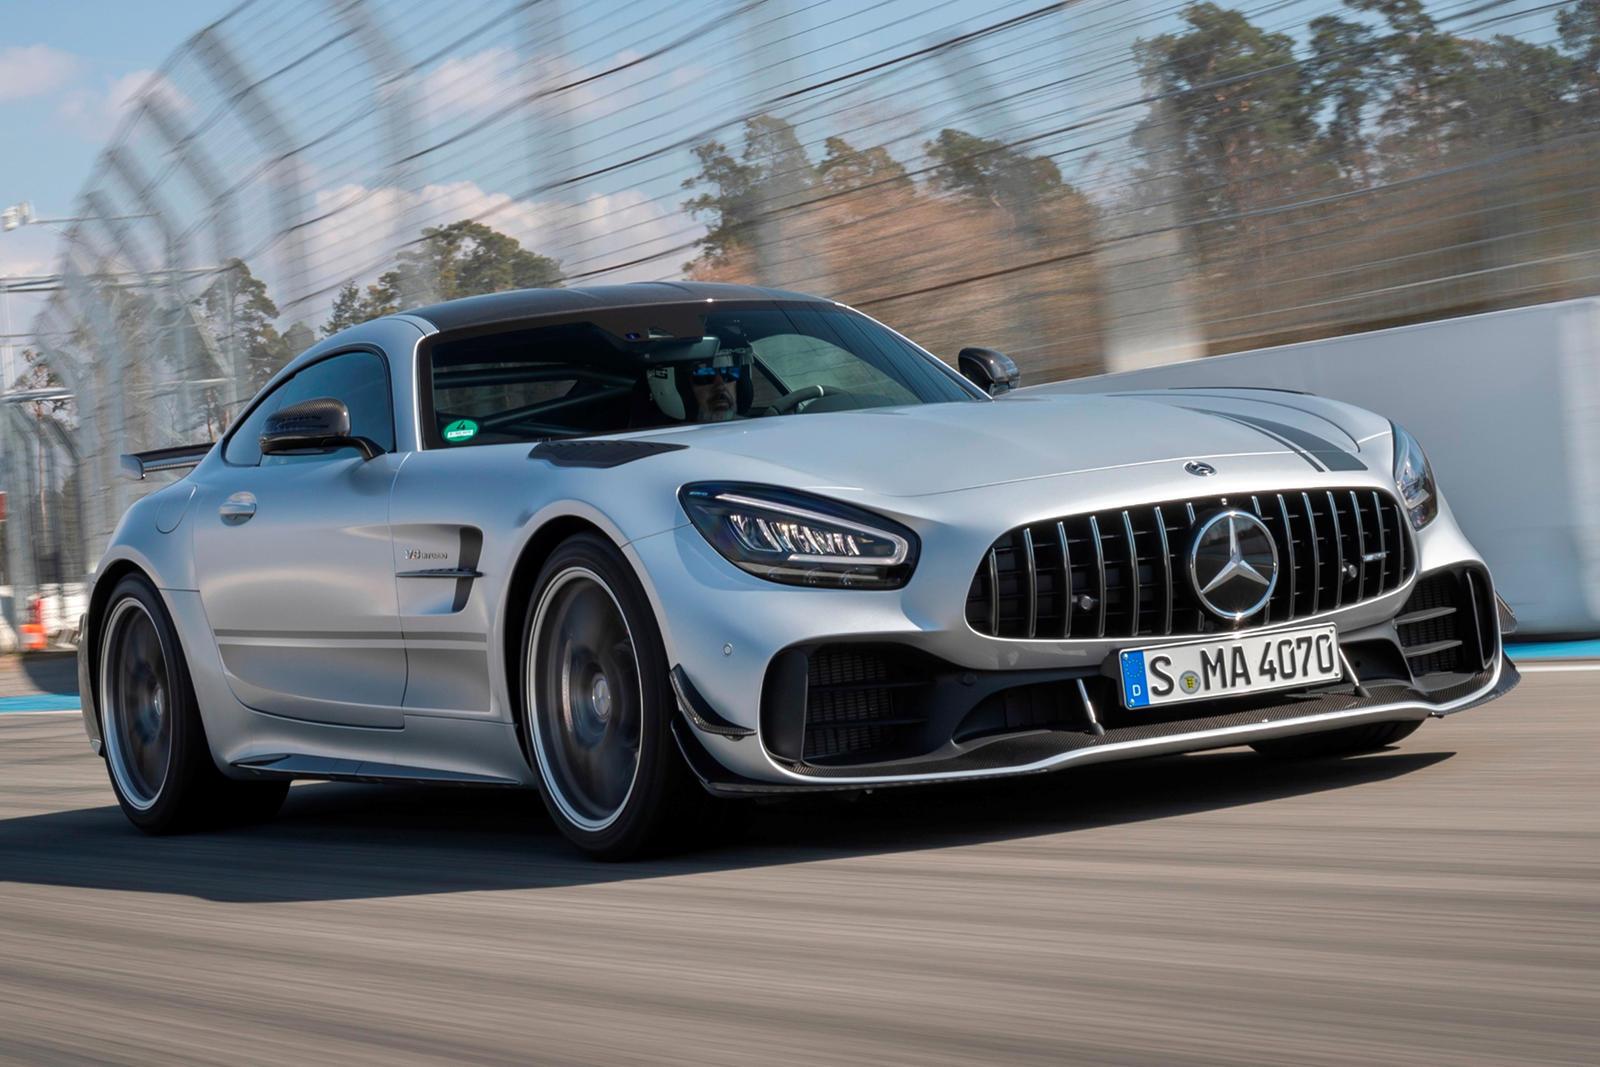 El Mercedes-AMG GT R podría cesar su producción próximamente